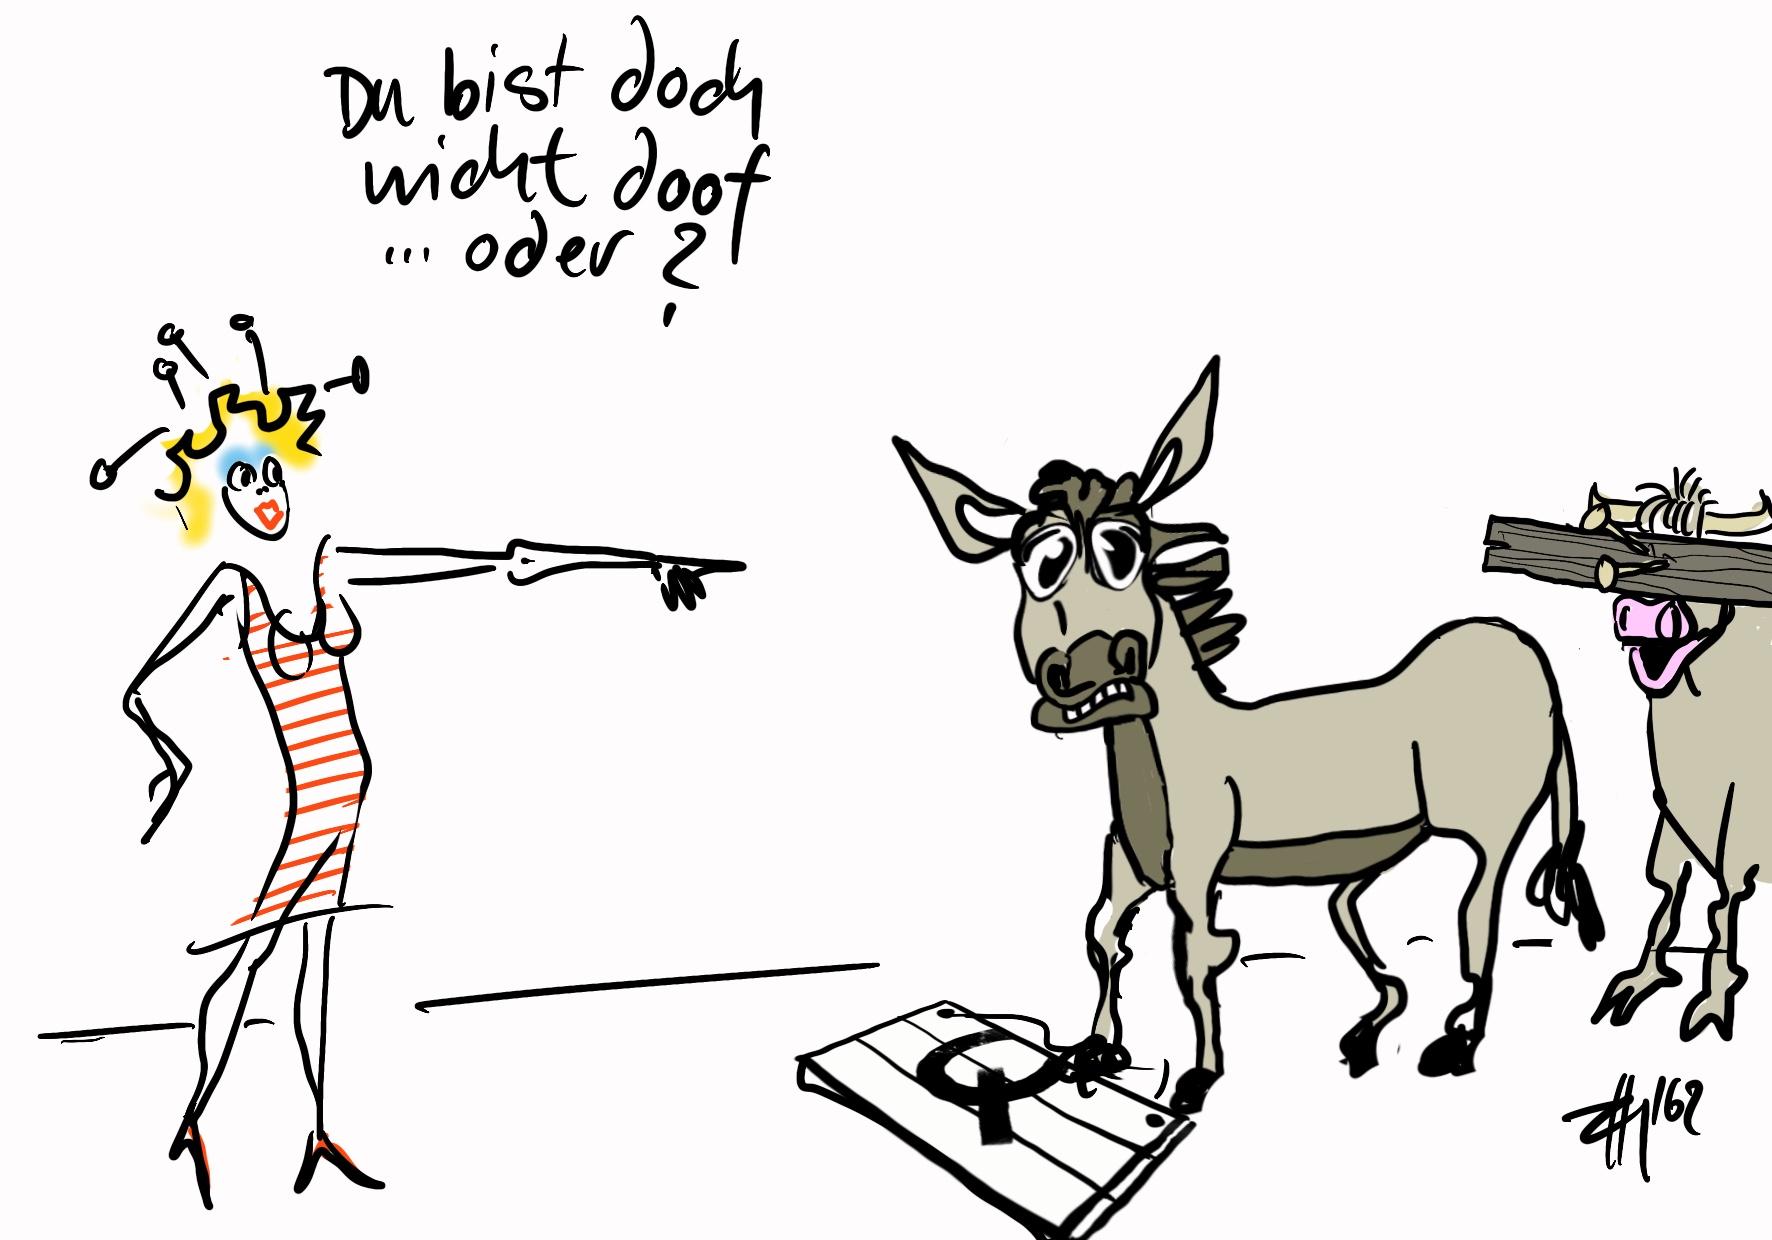 Der Kuckuck und ein Esel